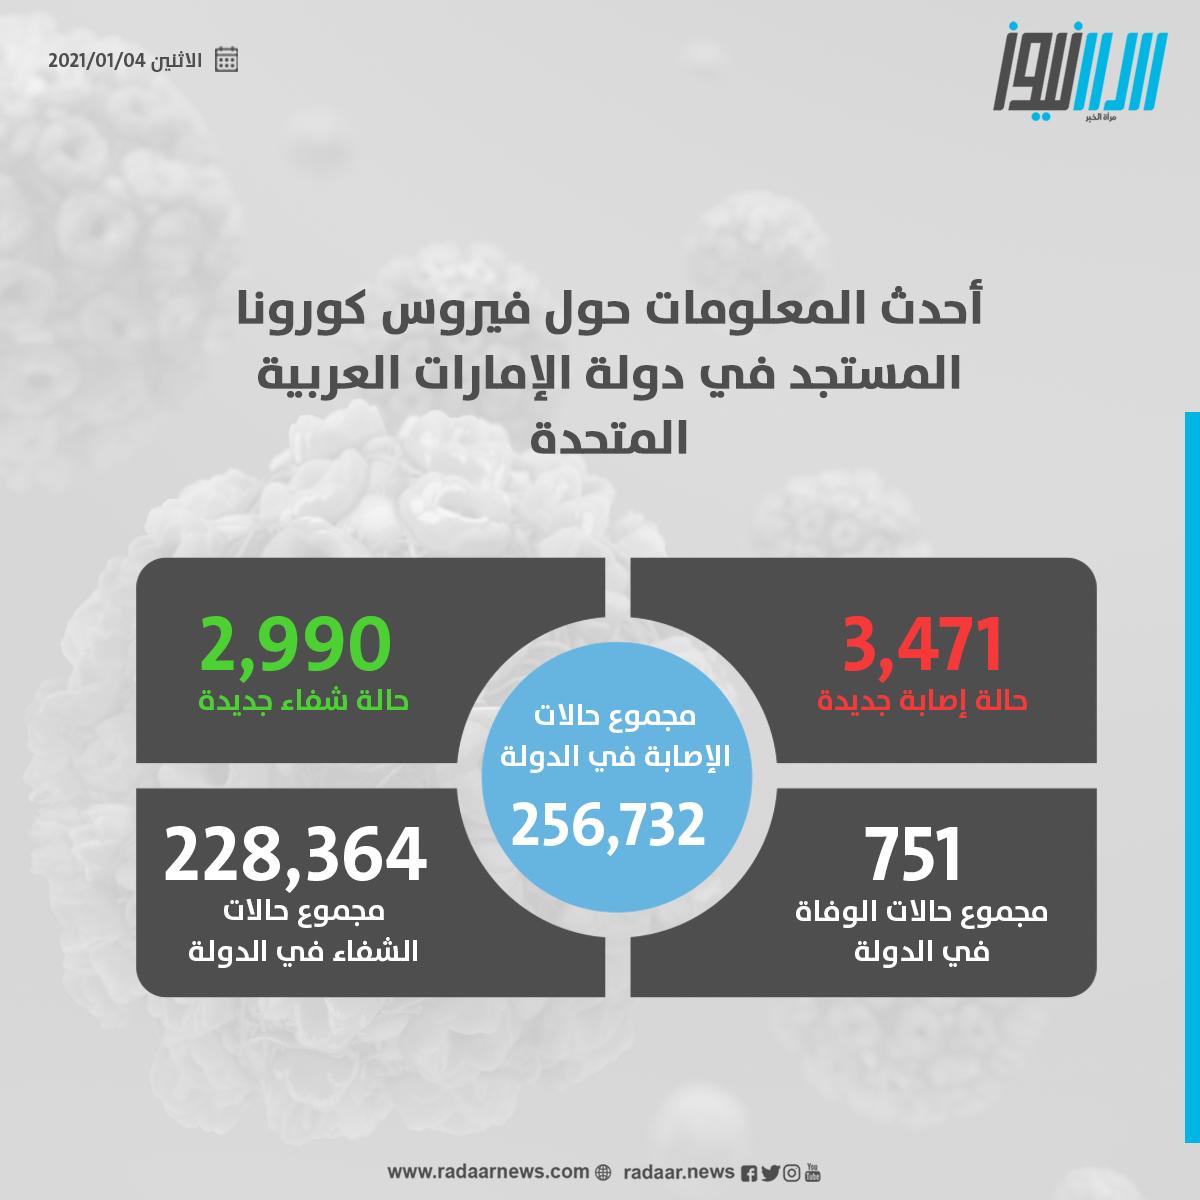 """""""#الصحة"""" تجري 142,388 فحصا ضمن خططها لتوسيع نطاق الفحوصات وتكشف عن 3,471 إصابة جديدة بـ""""#كورونا"""" و2,990 حالة شفاء و6 حالات وفاة خلال الـ24 ساعة الماضية   #الإمارات #فيروس_كورونا #كوفيد19 #رادار_نيوز  #مرآة_الخبر"""